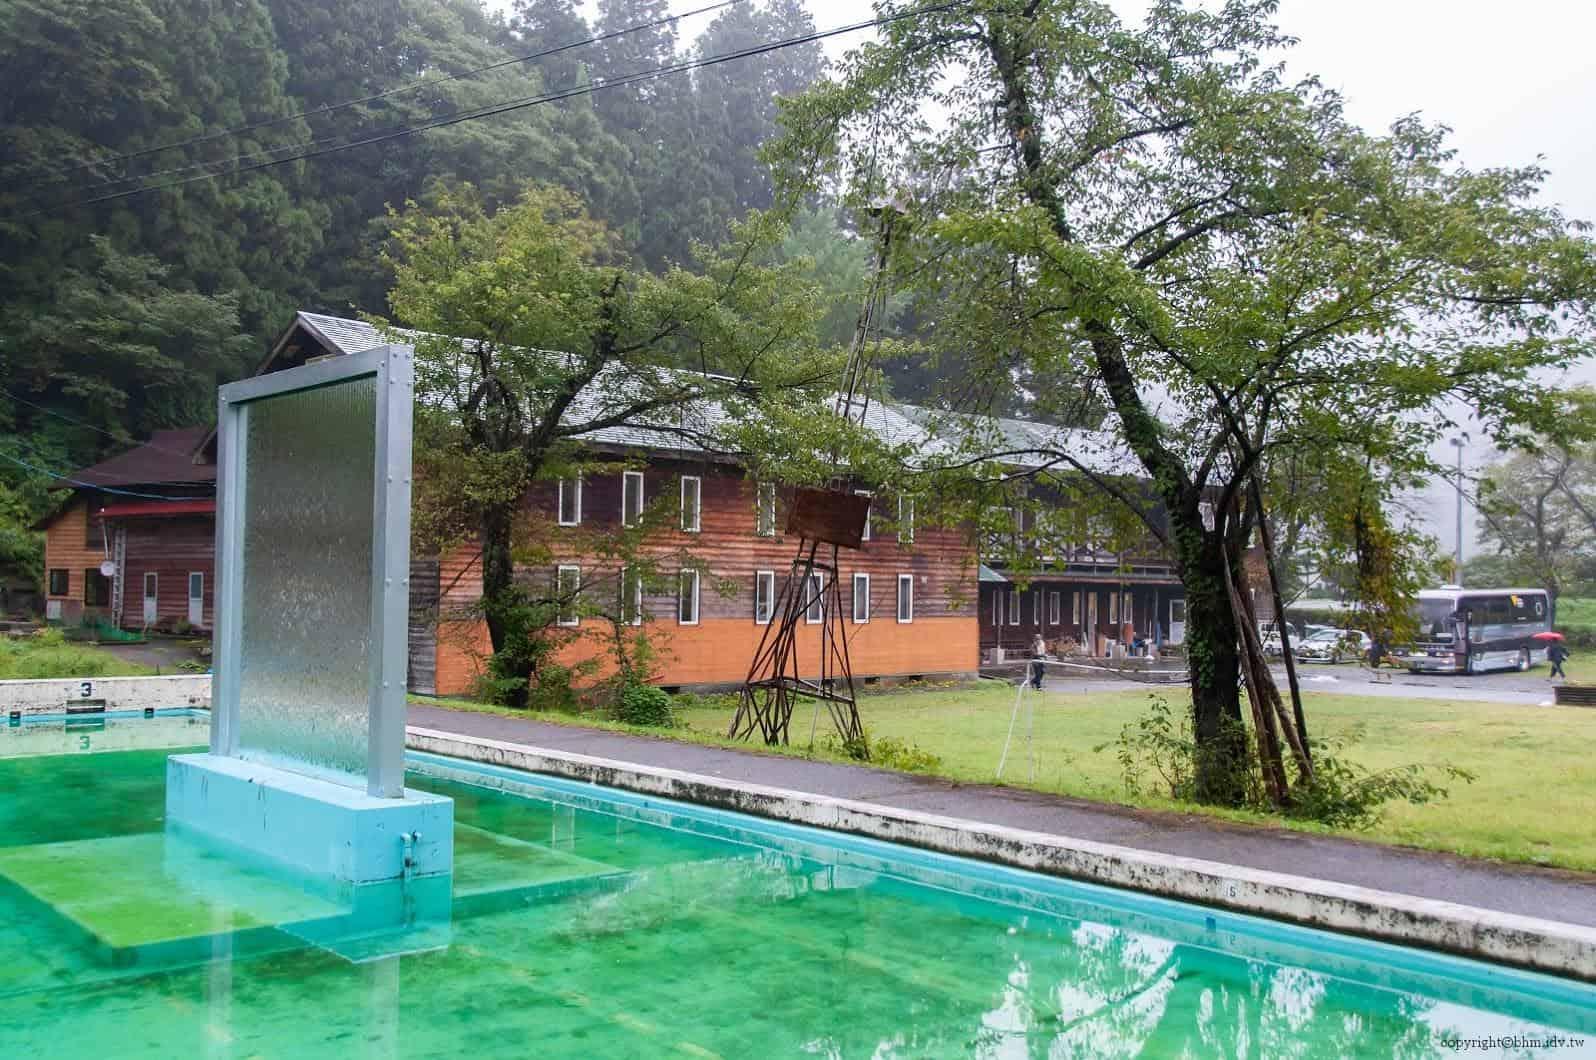 本間純,Melting Wall,豎立於廢棄學校游泳池中的灌水玻璃 越後妻有 Melting Wall melting wall 02